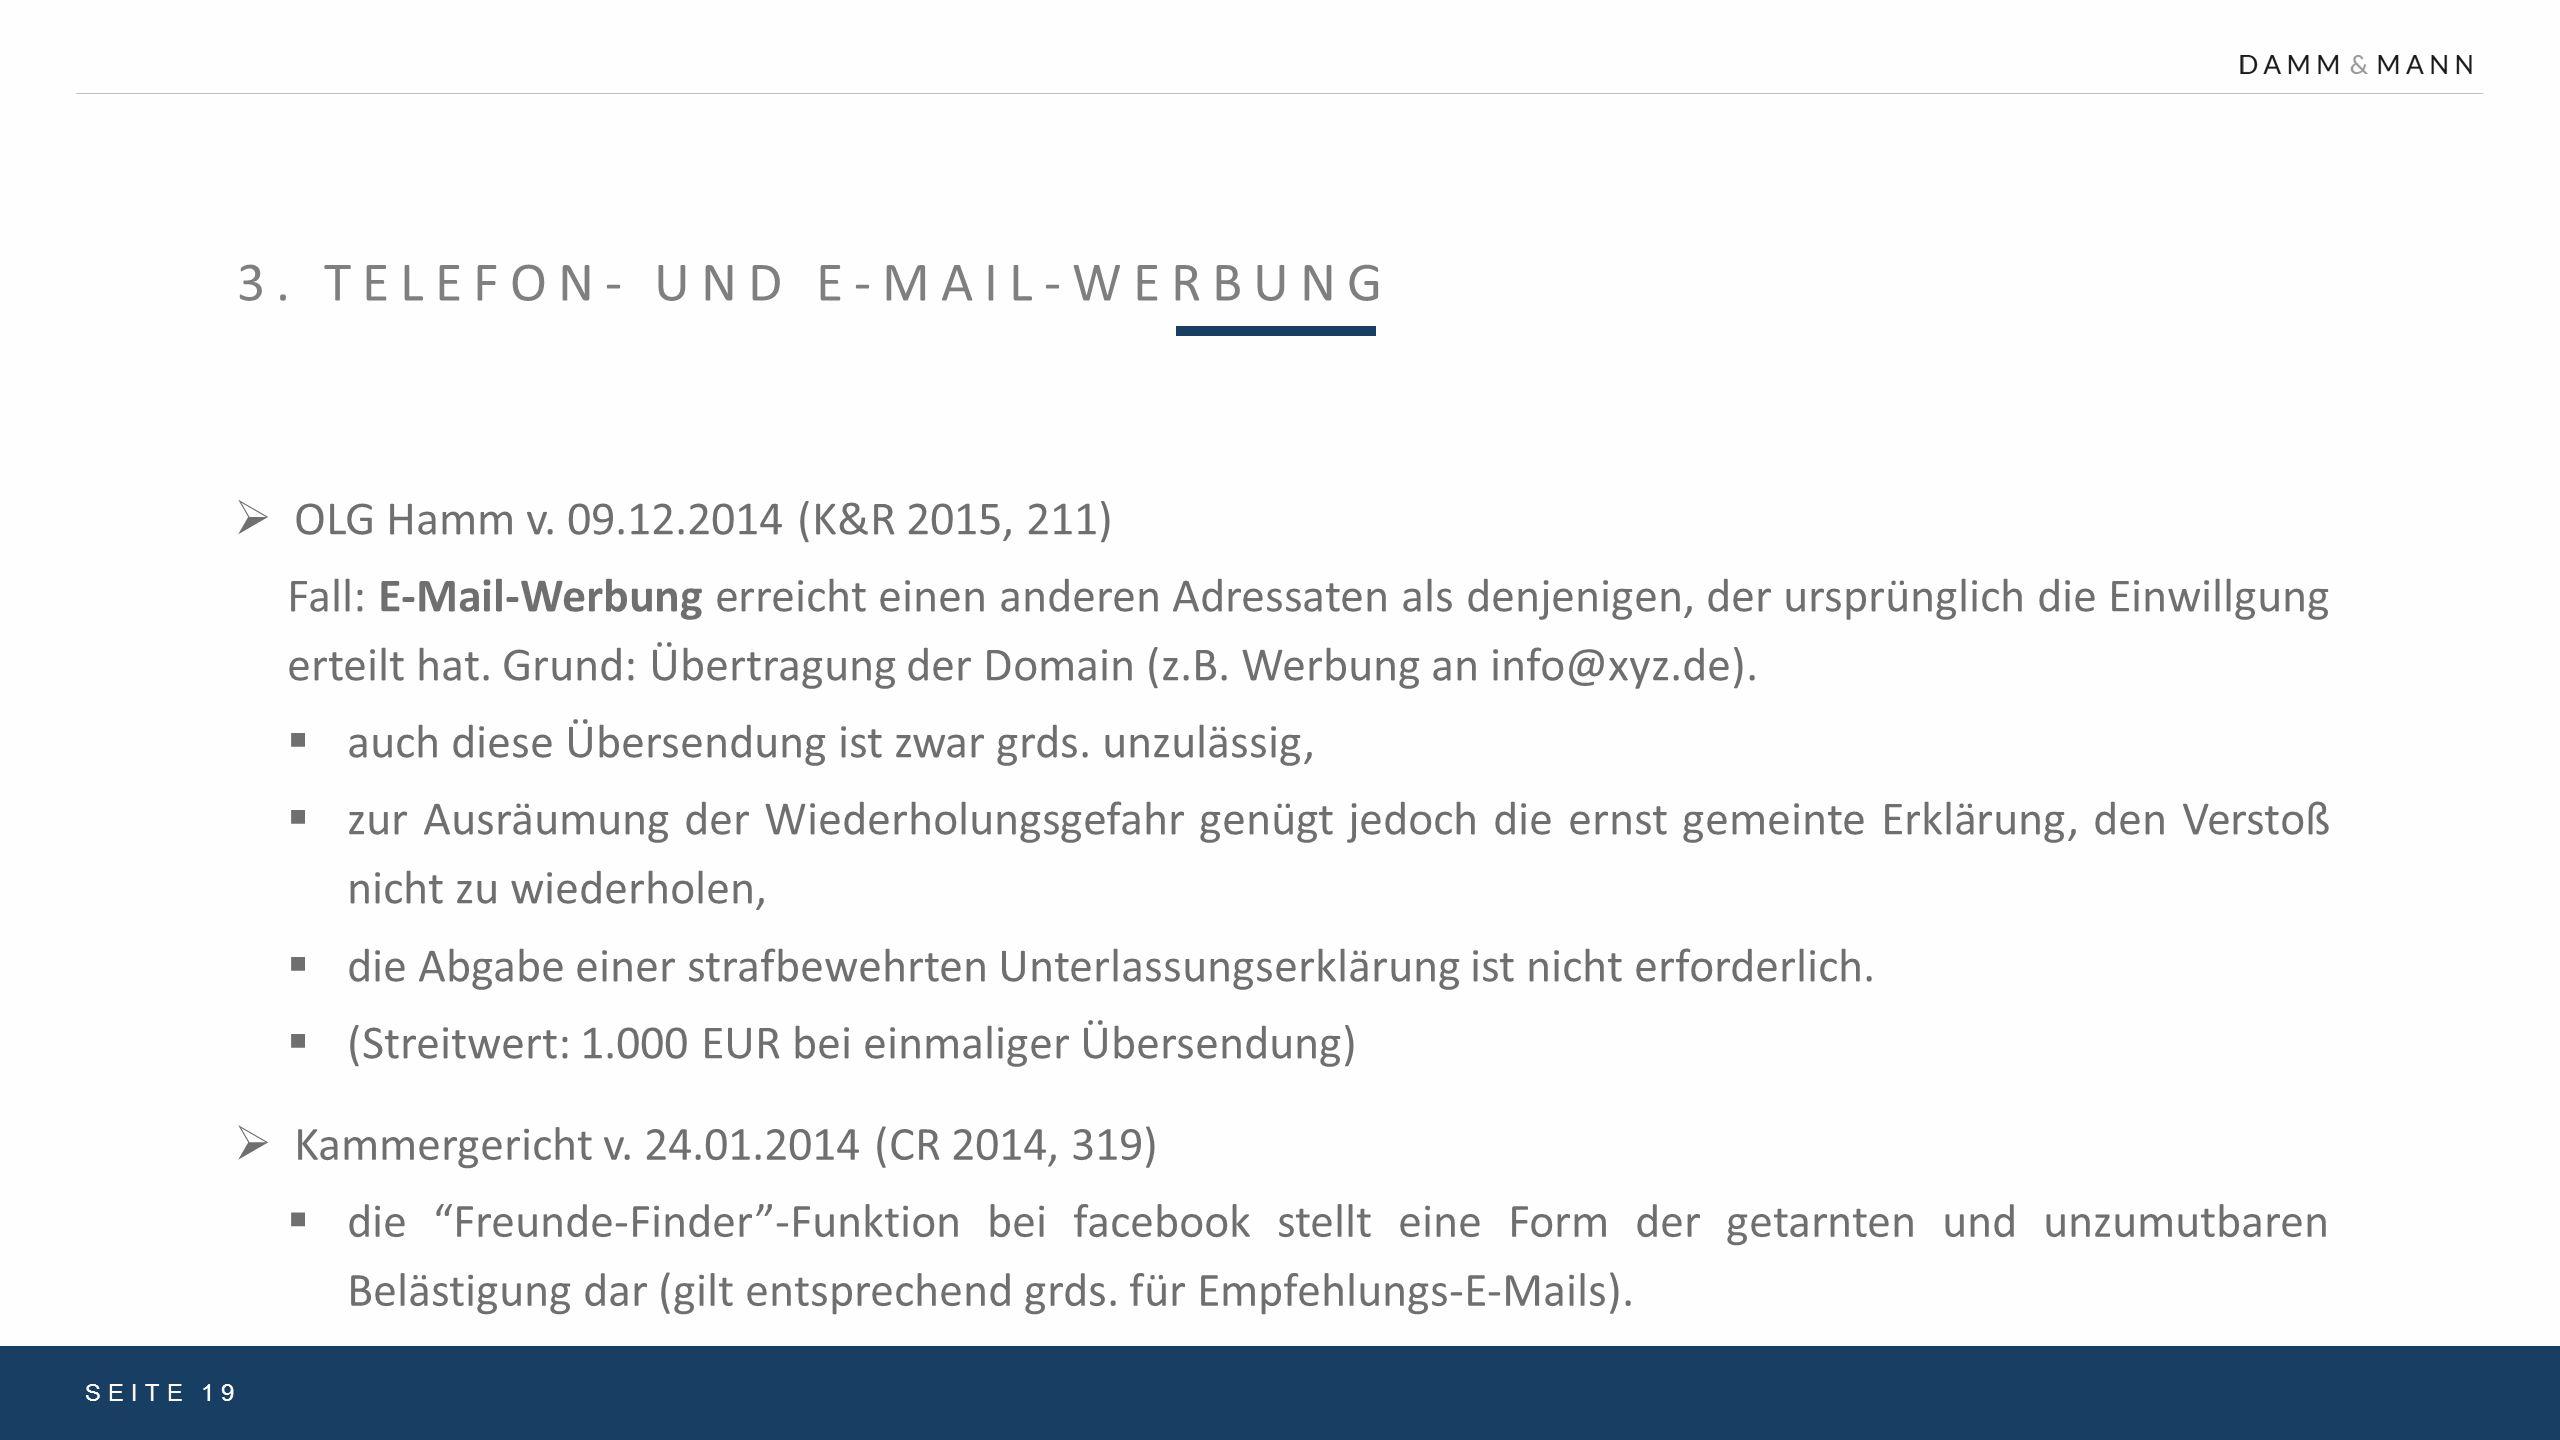 3. Telefon- und E-Mail-Werbung